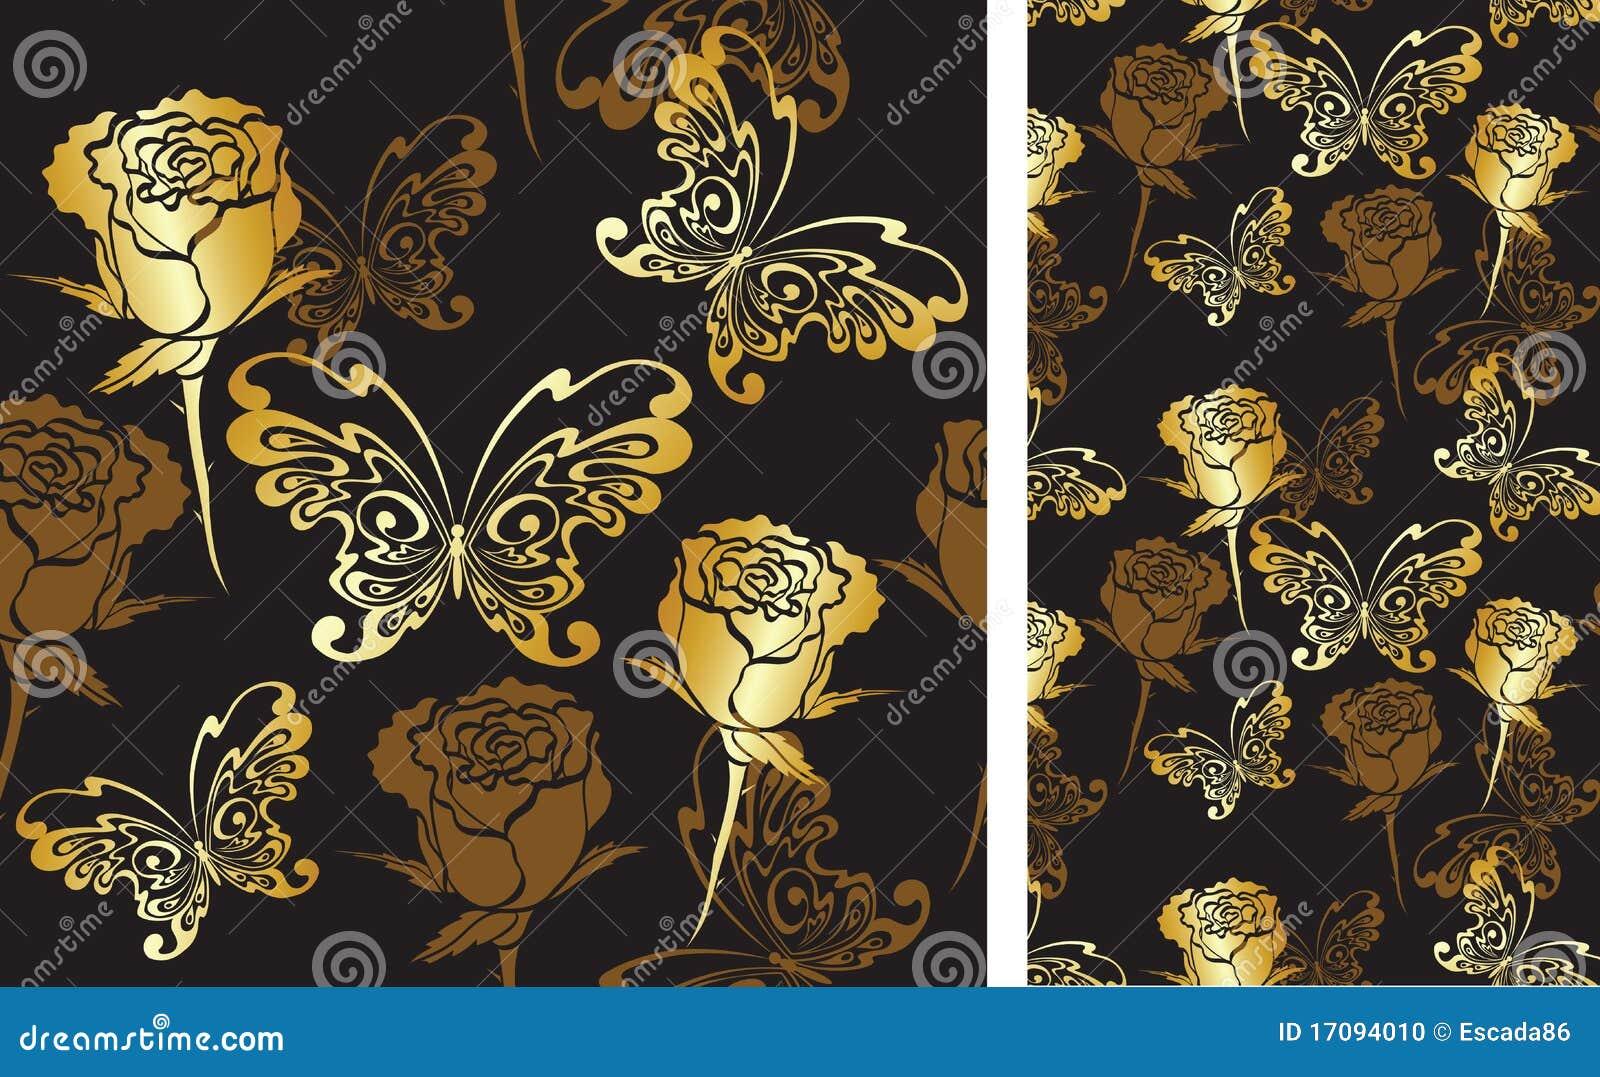 Hintergrund mit Rosen und Basisrecheneinheiten